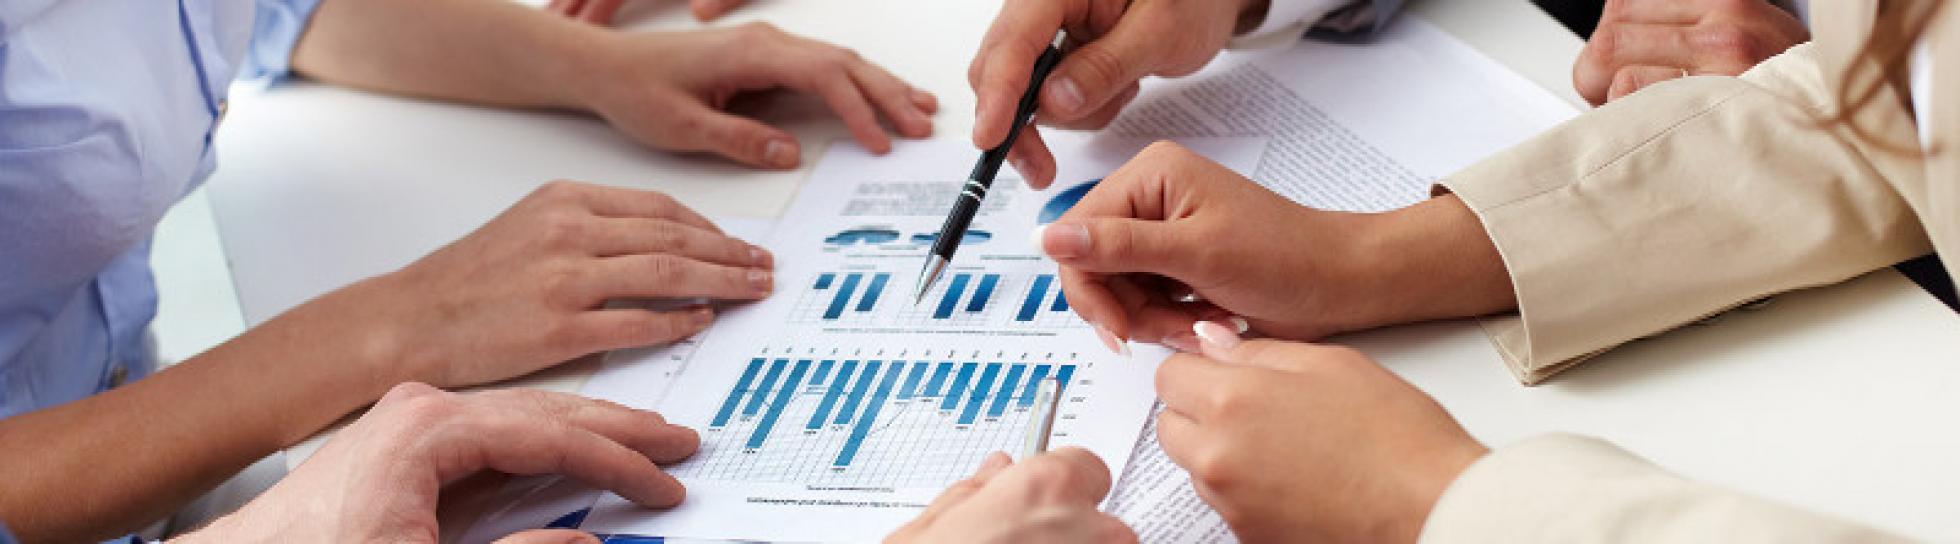 Aide à la création d'entreprise à Namur